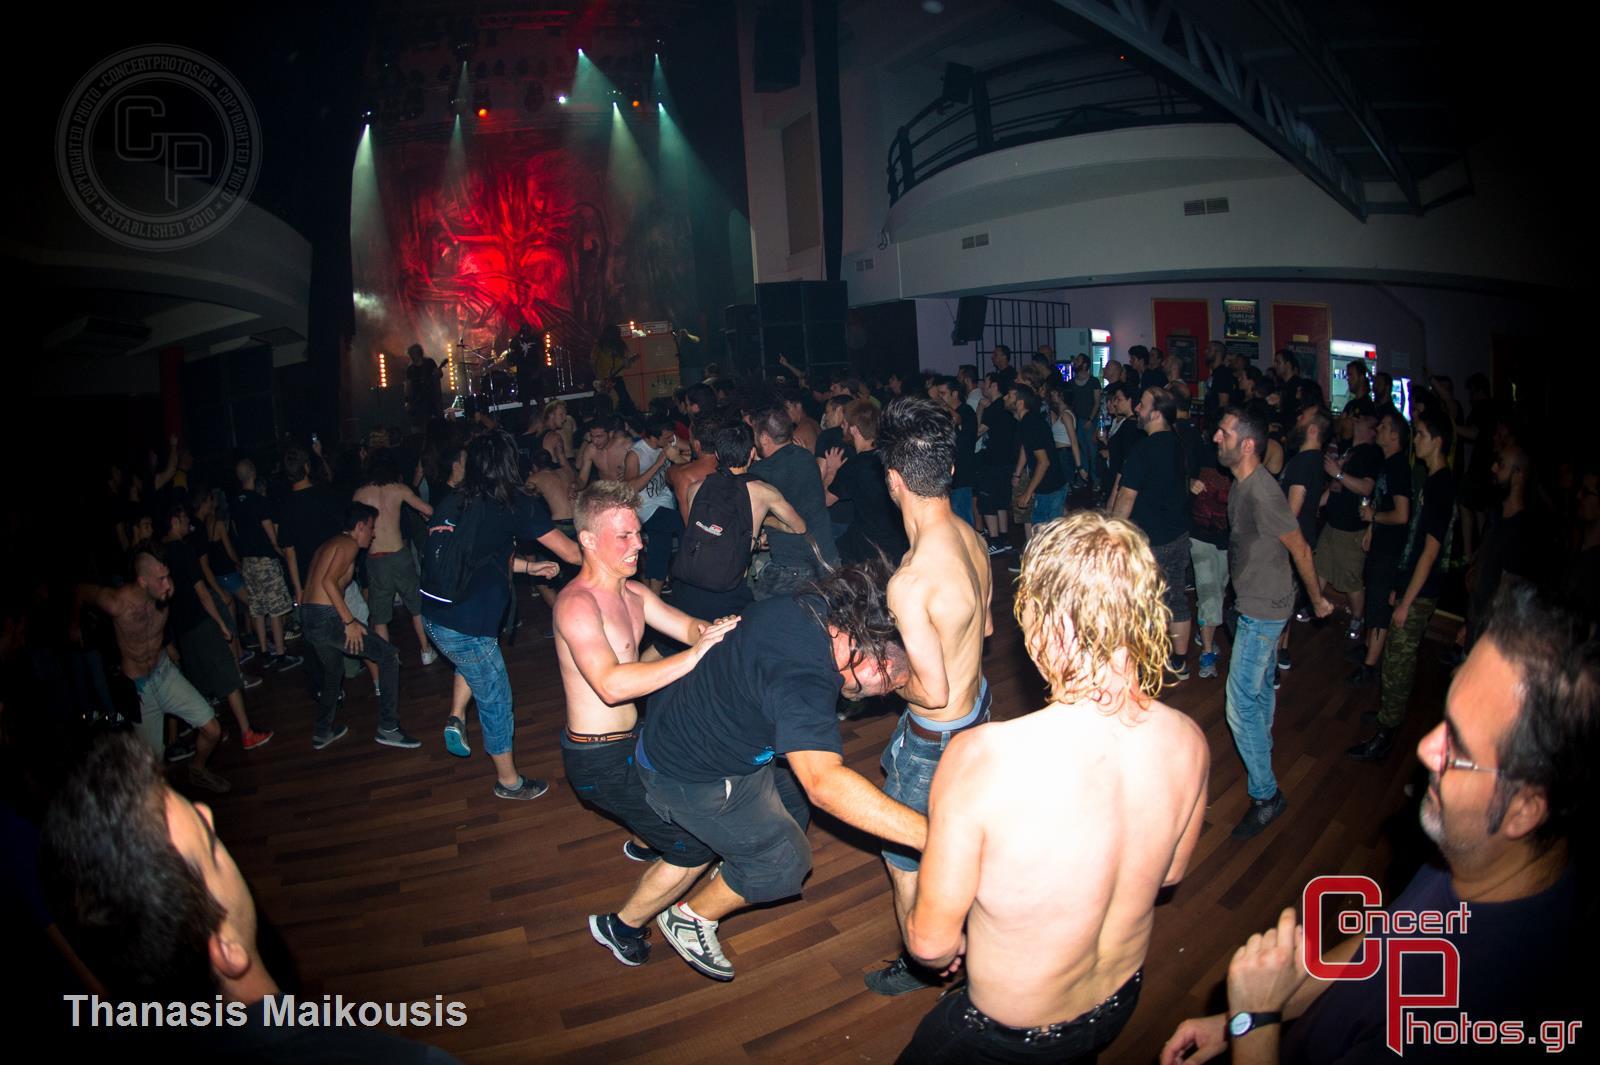 Sepultura-Sepultira photographer: Thanasis Maikousis - concertphotos_20140703_23_29_06